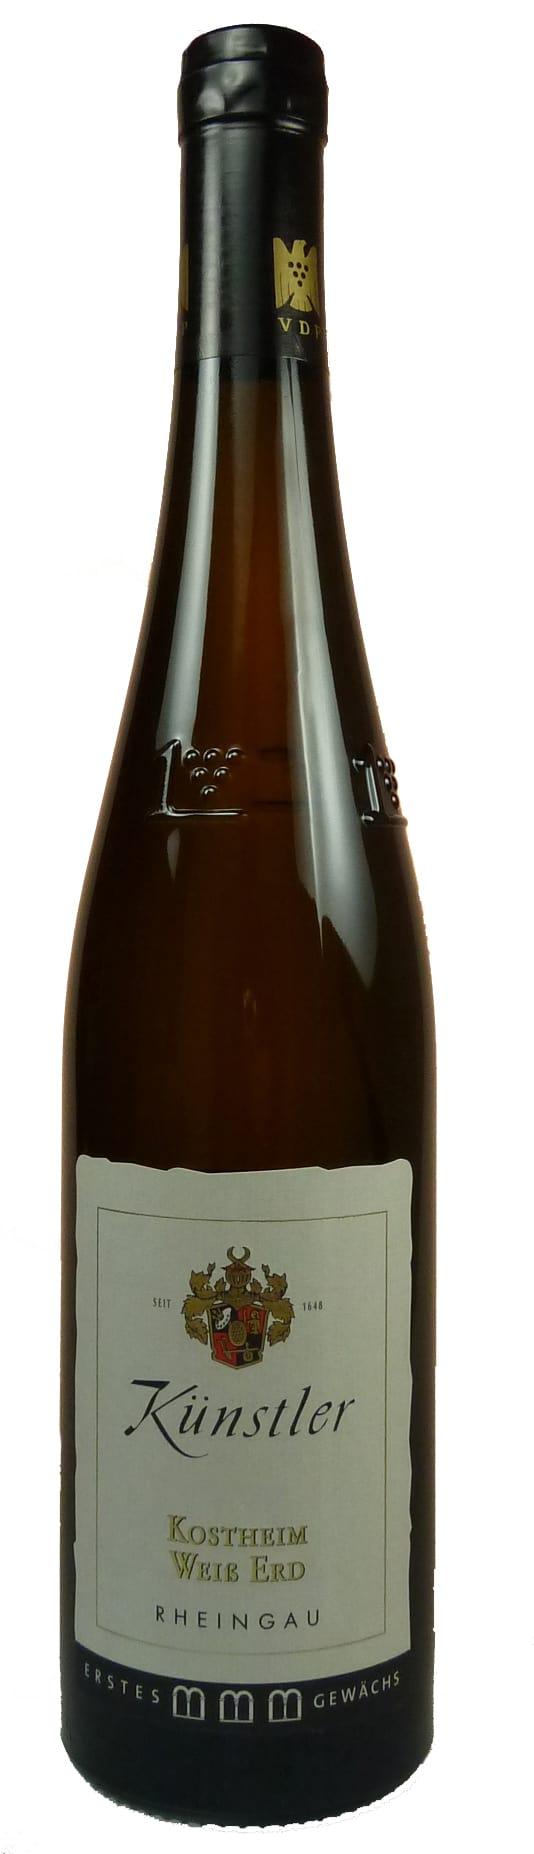 Kostheimer Weiß Erd Riesling Großes Gewächs Qualitätswein trocken  2018